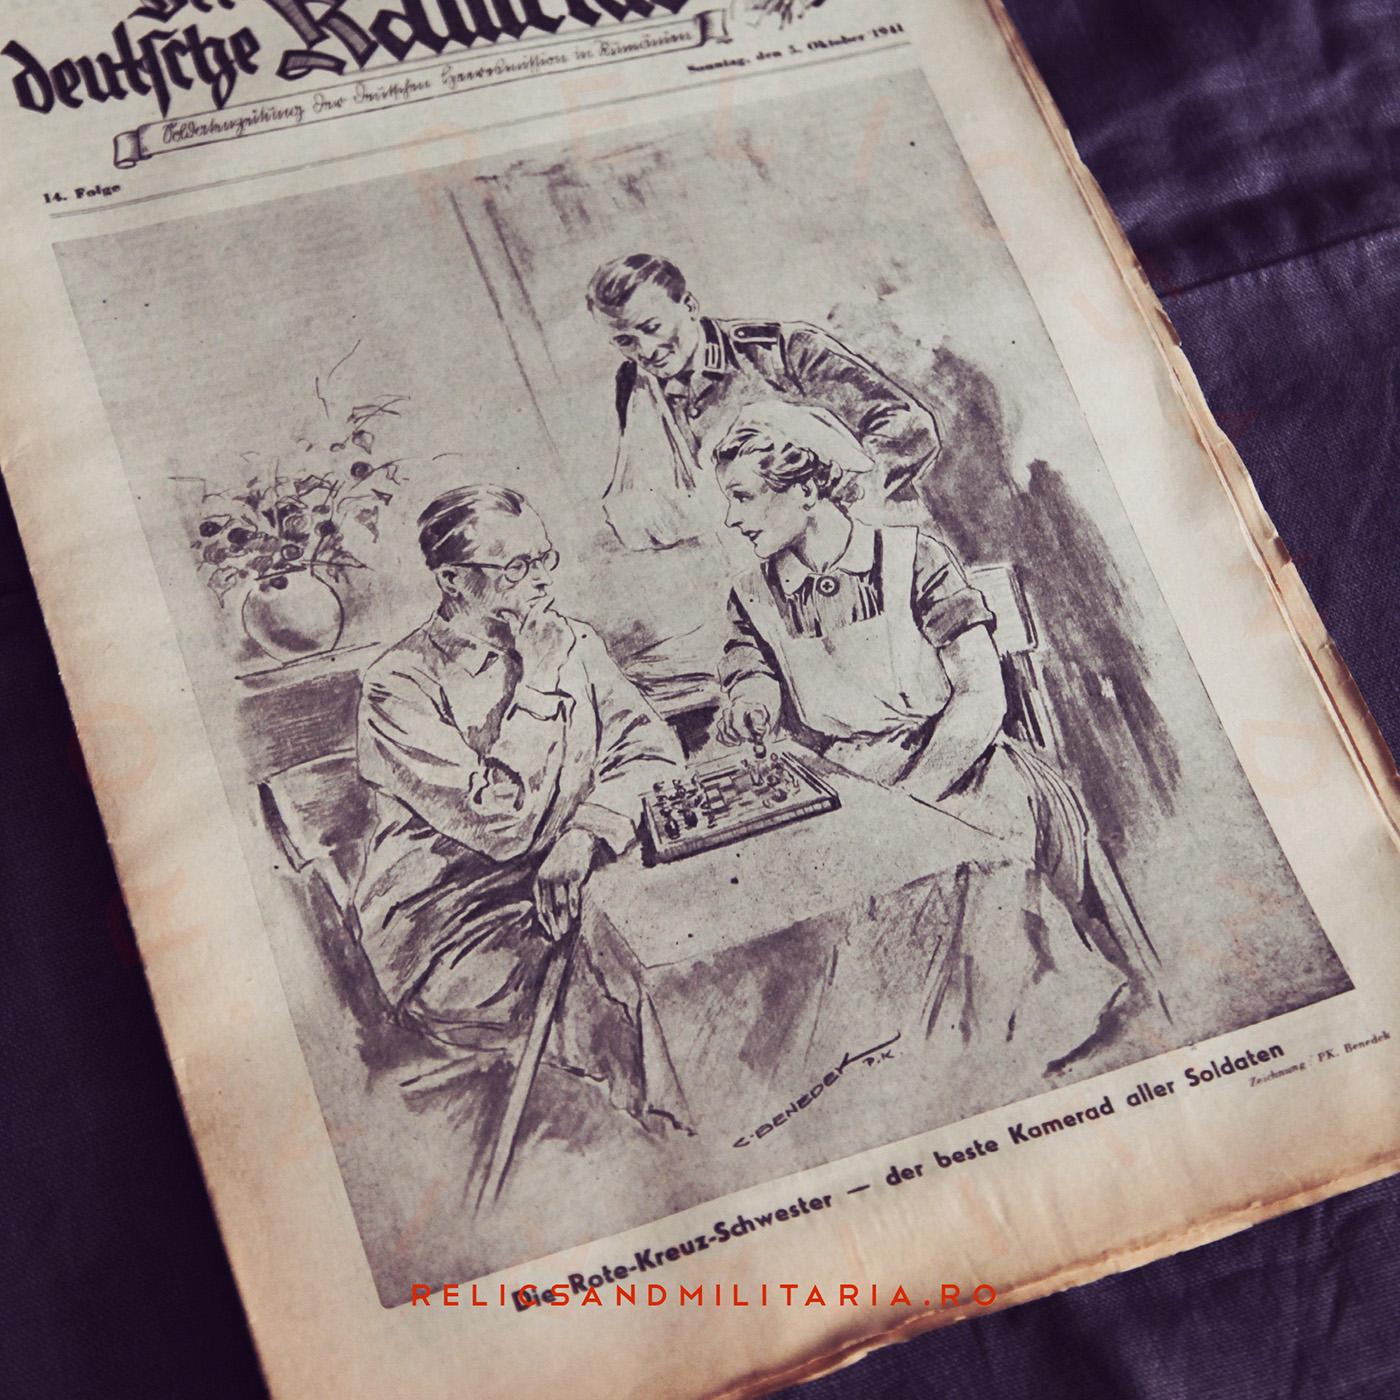 Der deutsche kamerad - ww2 newspaper